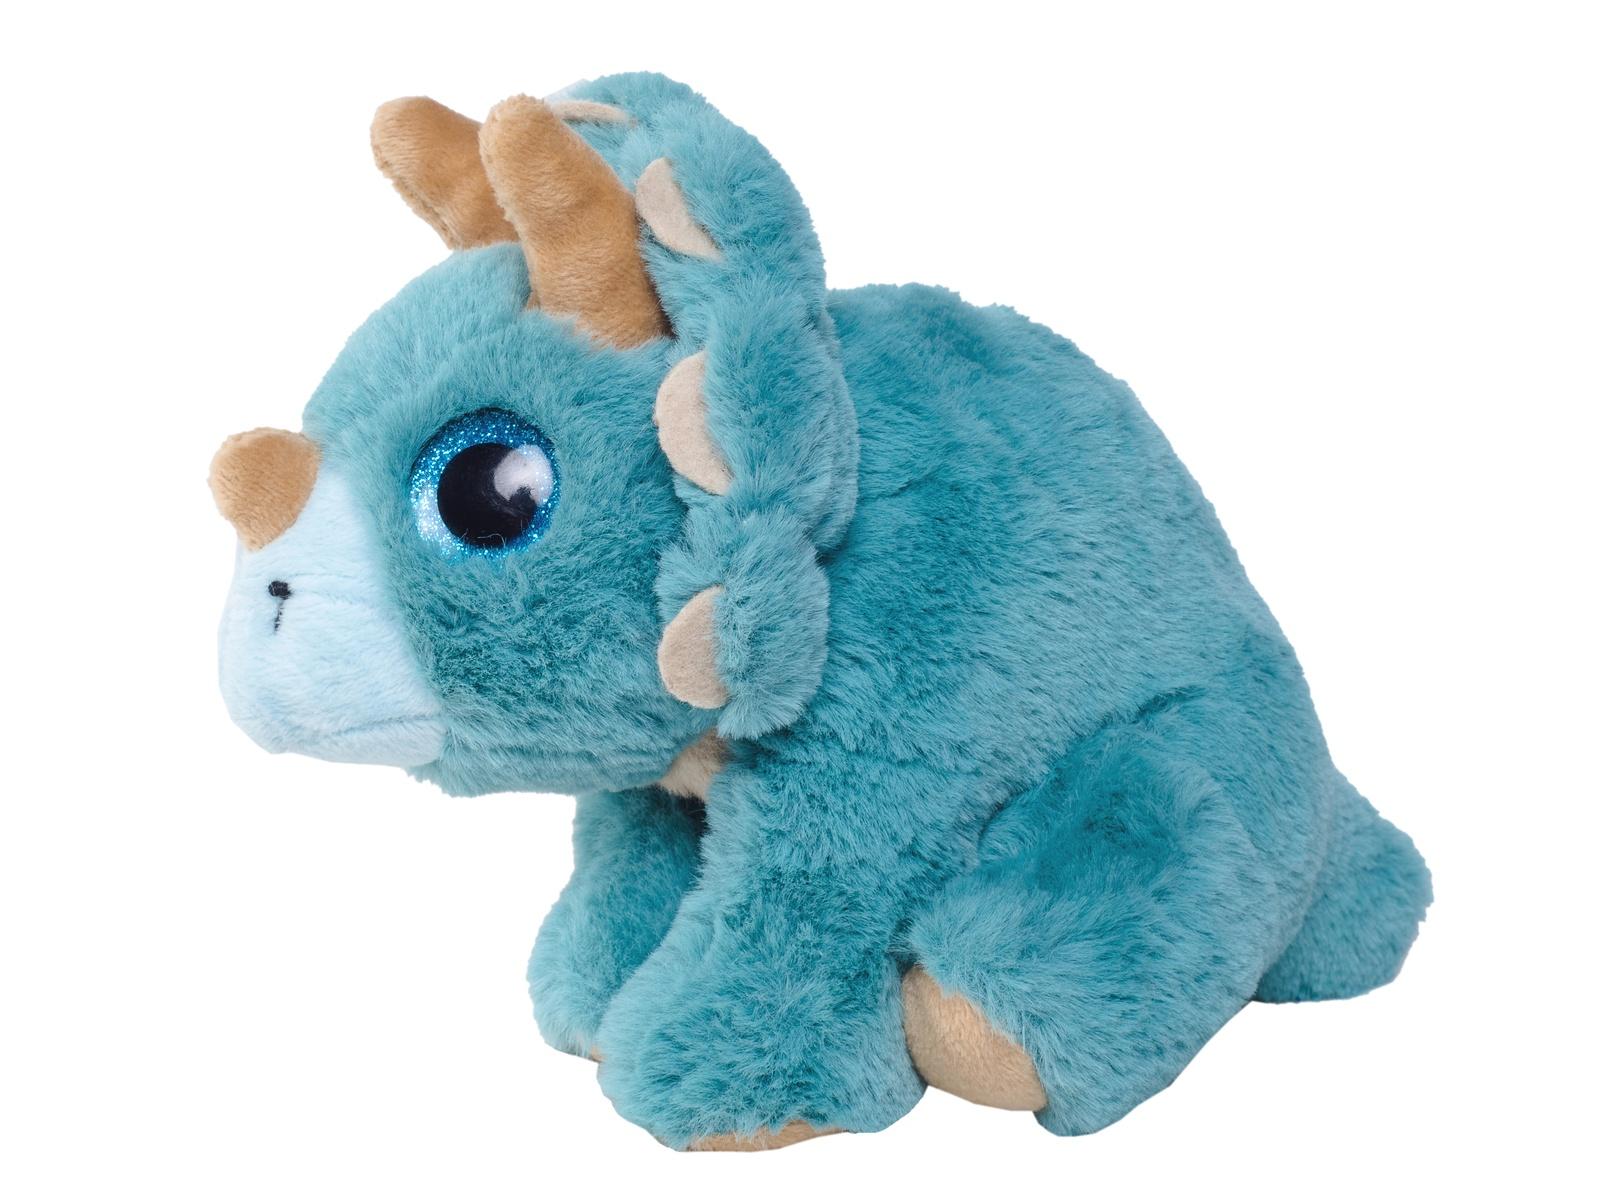 Мягкая игрушка Плюш Ленд Мягкая игрушка Трицератопс, FX-1066B голубой игрушка мягкая динозавр плюшевый 3 цвета 28 см